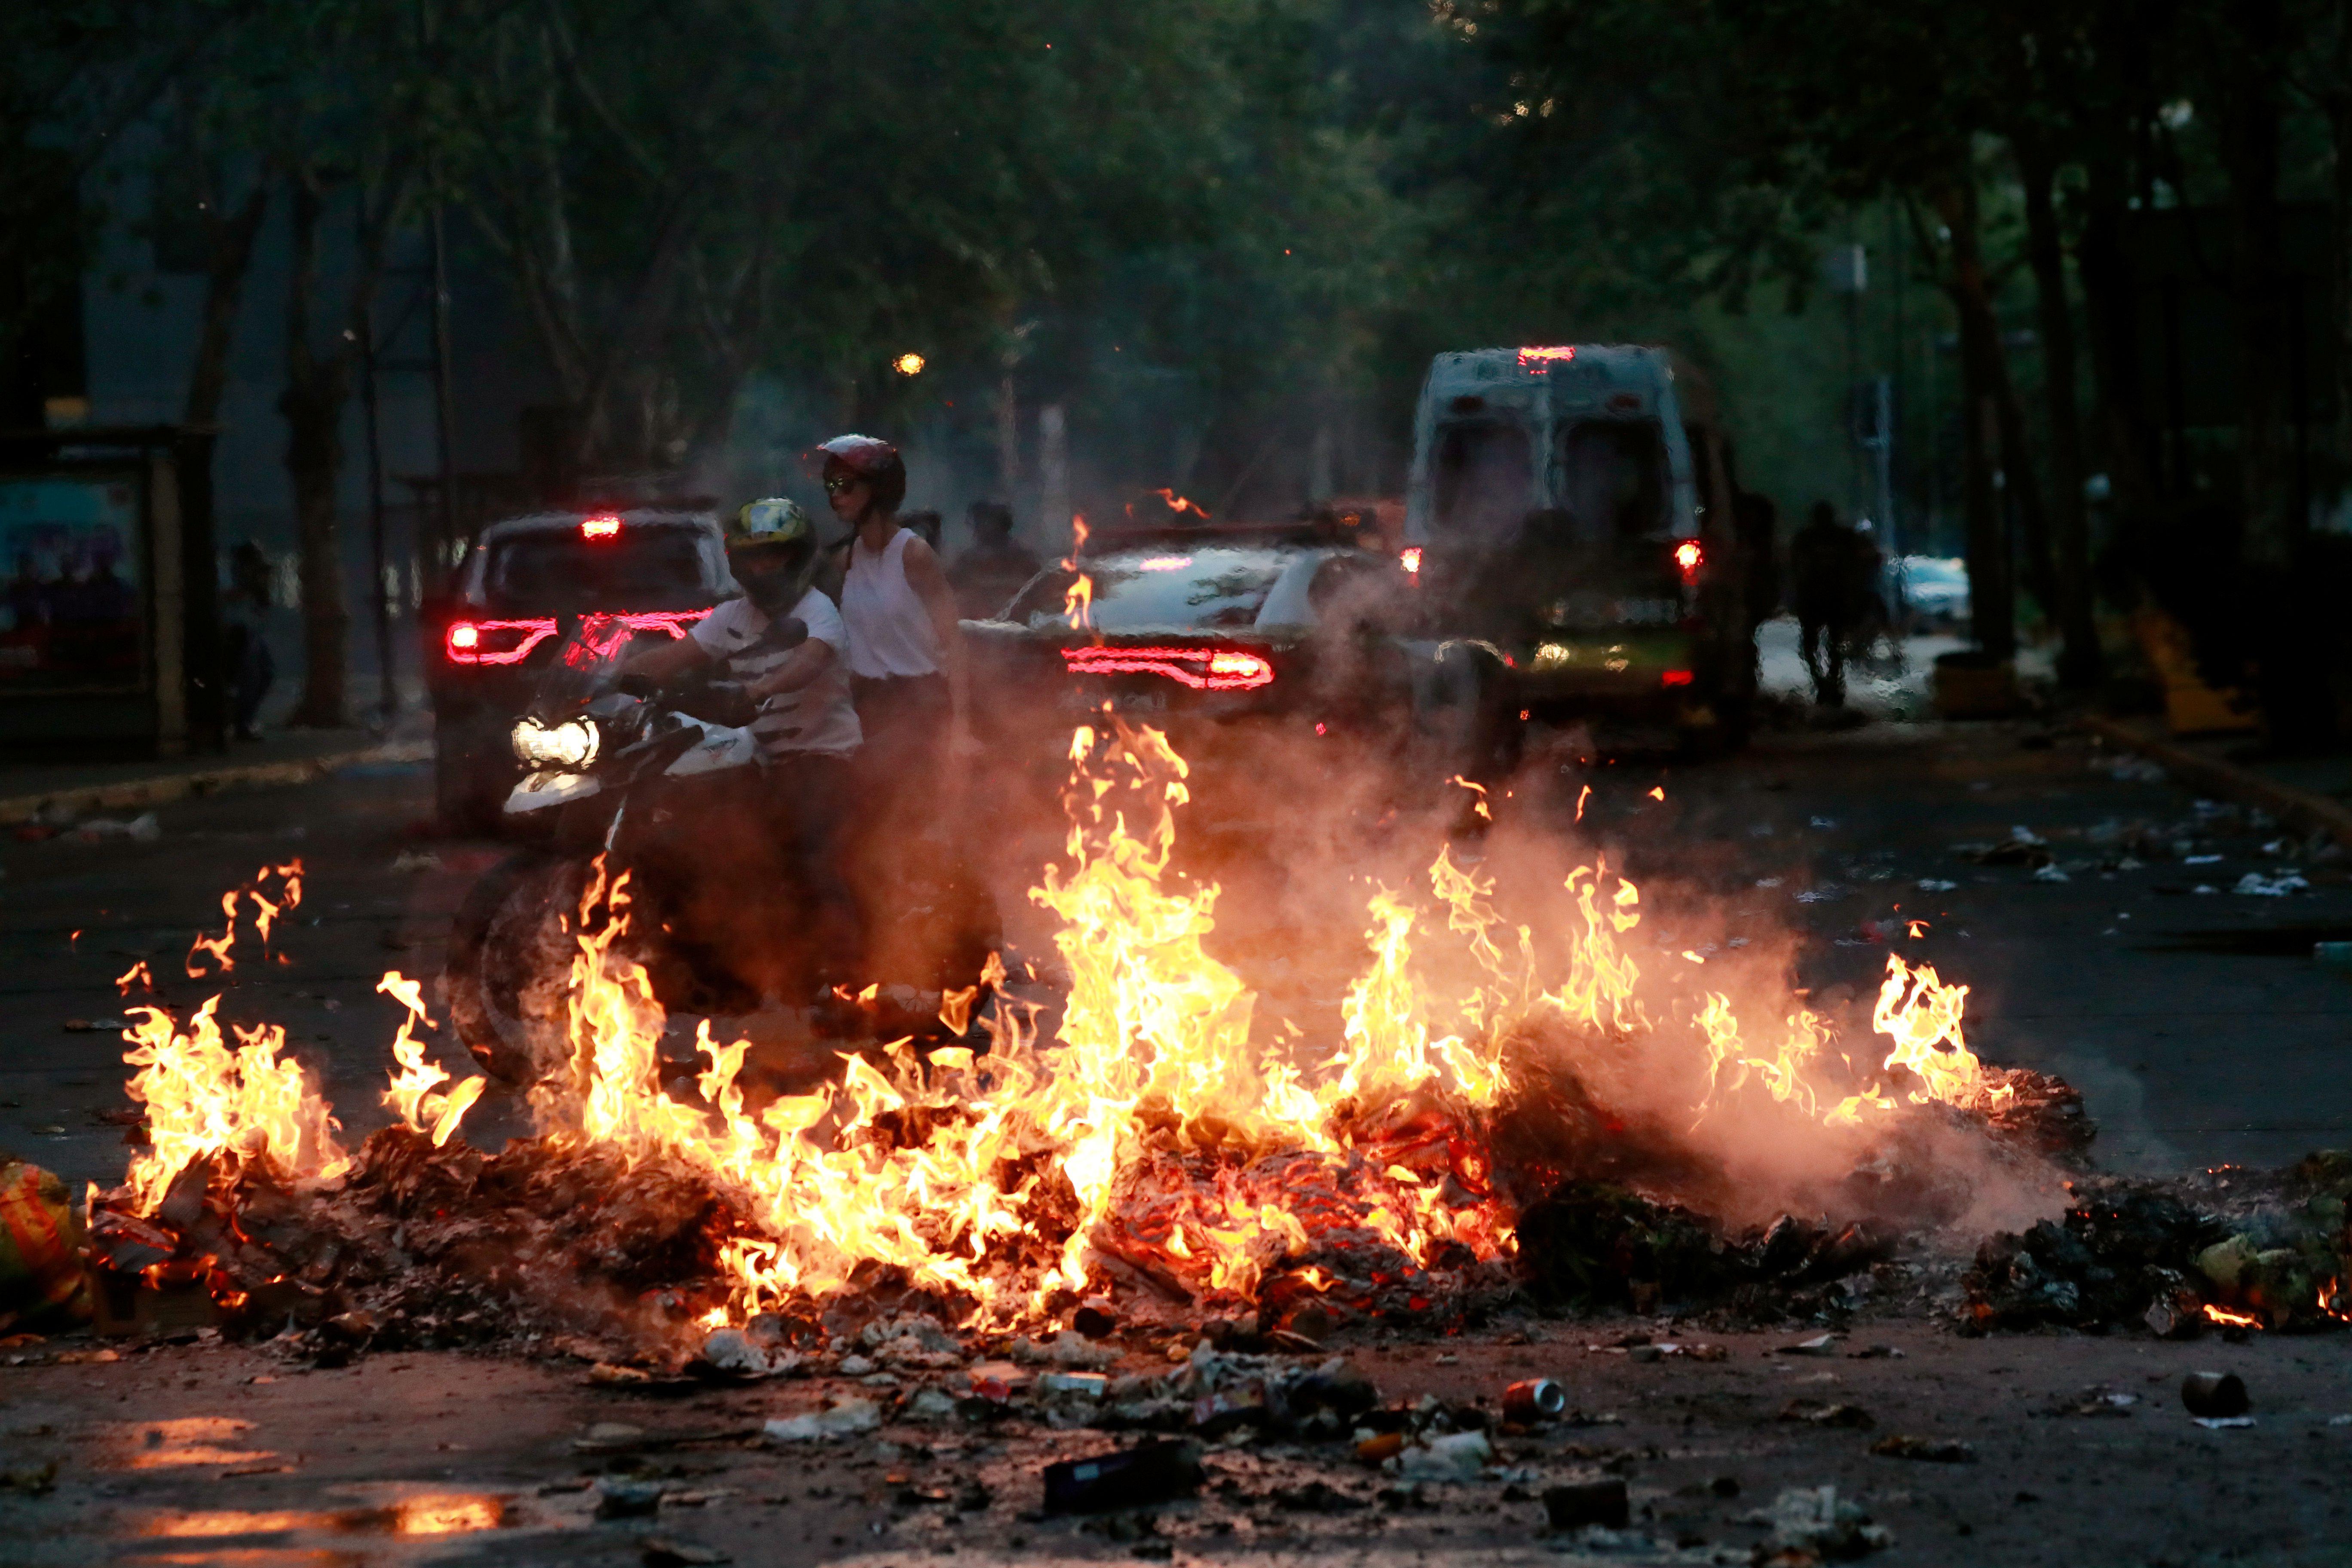 Una barricada en llamas bloquea una carretera en Providencia, el 7 de noviembre de 2019 (REUTERS/Henry Romero)